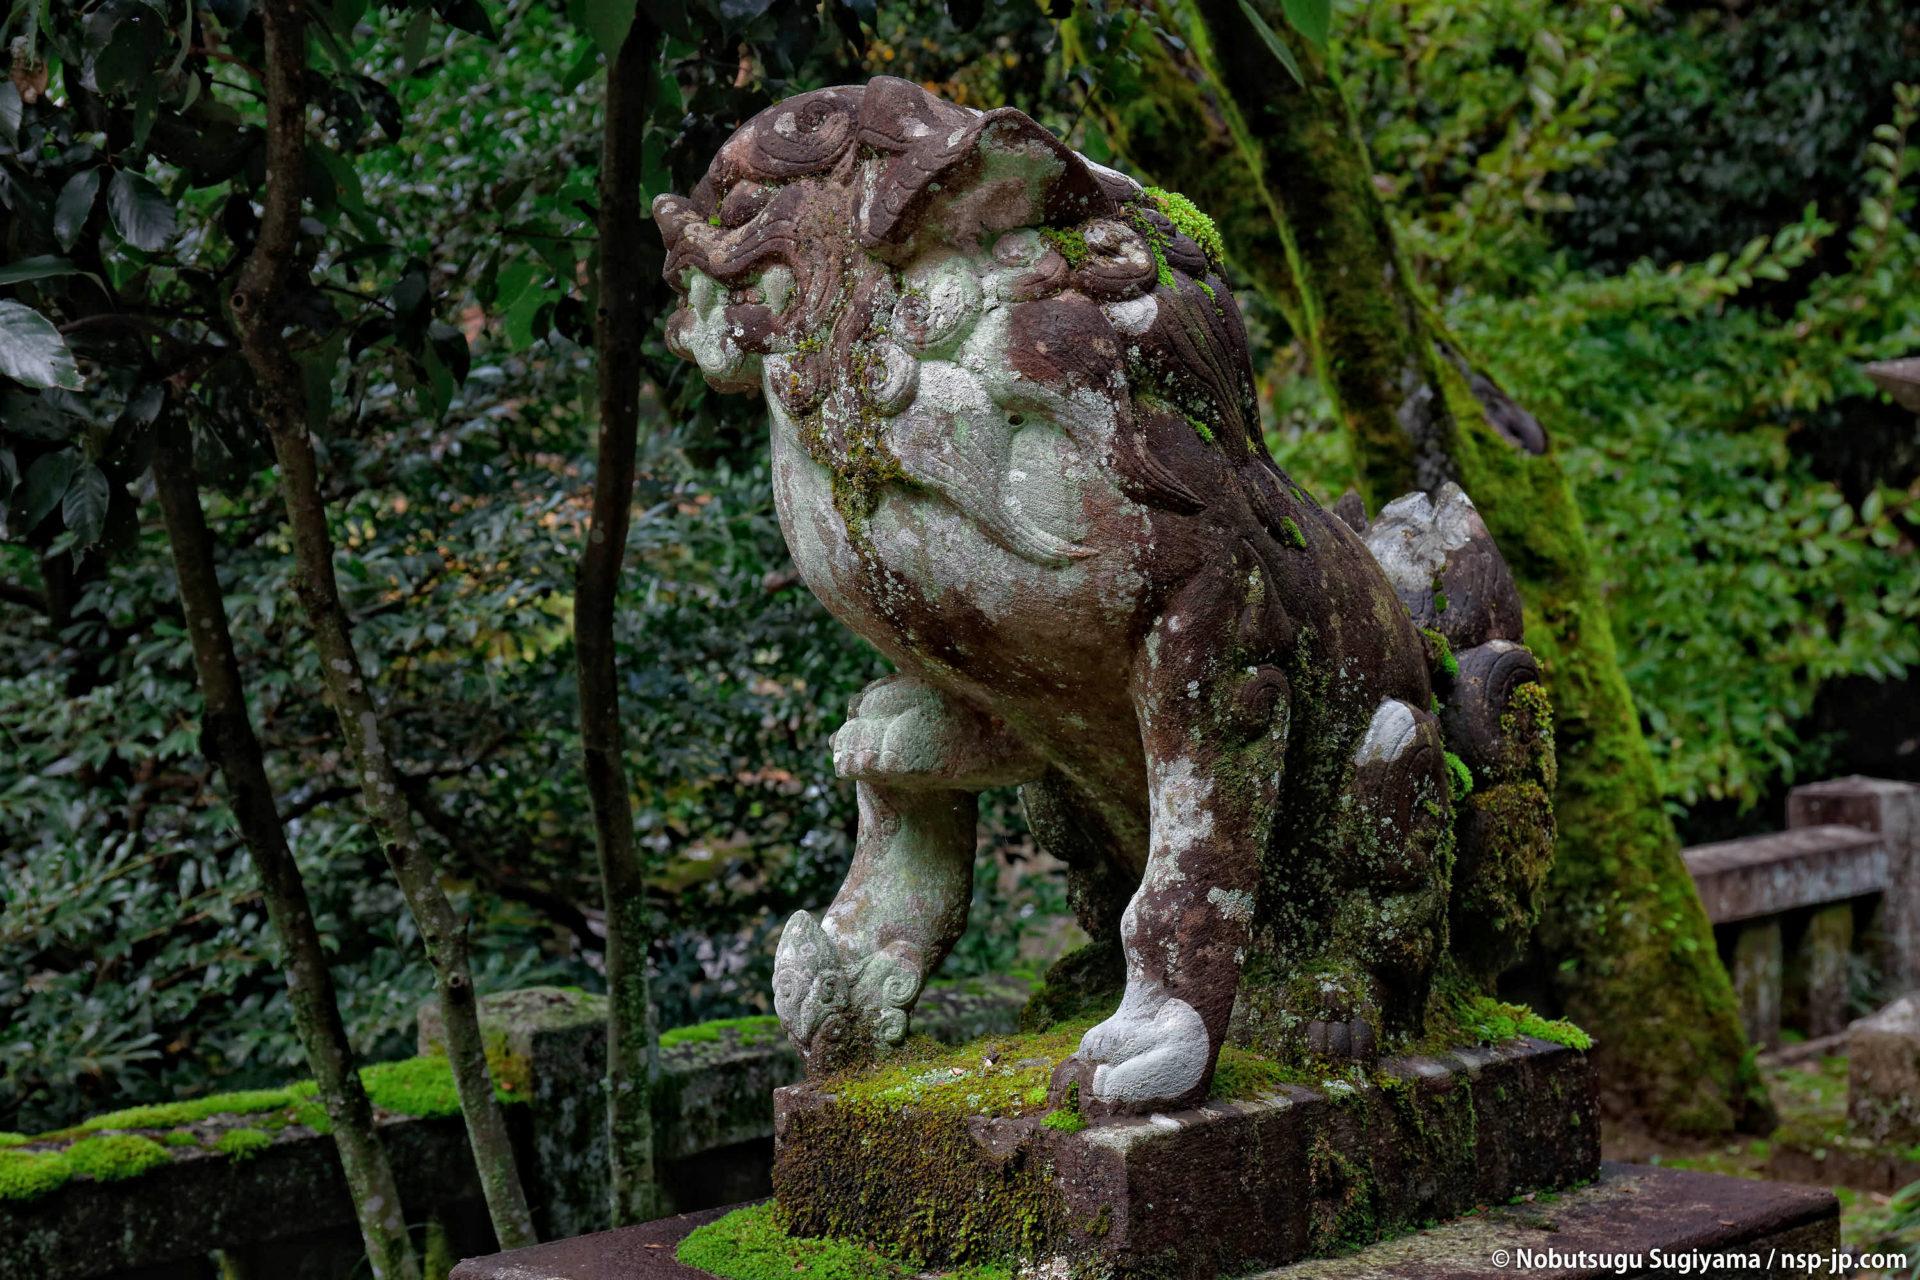 伊奈波神社-桜門前の狛犬 | 岐阜 故郷巡礼 by 杉山宣嗣